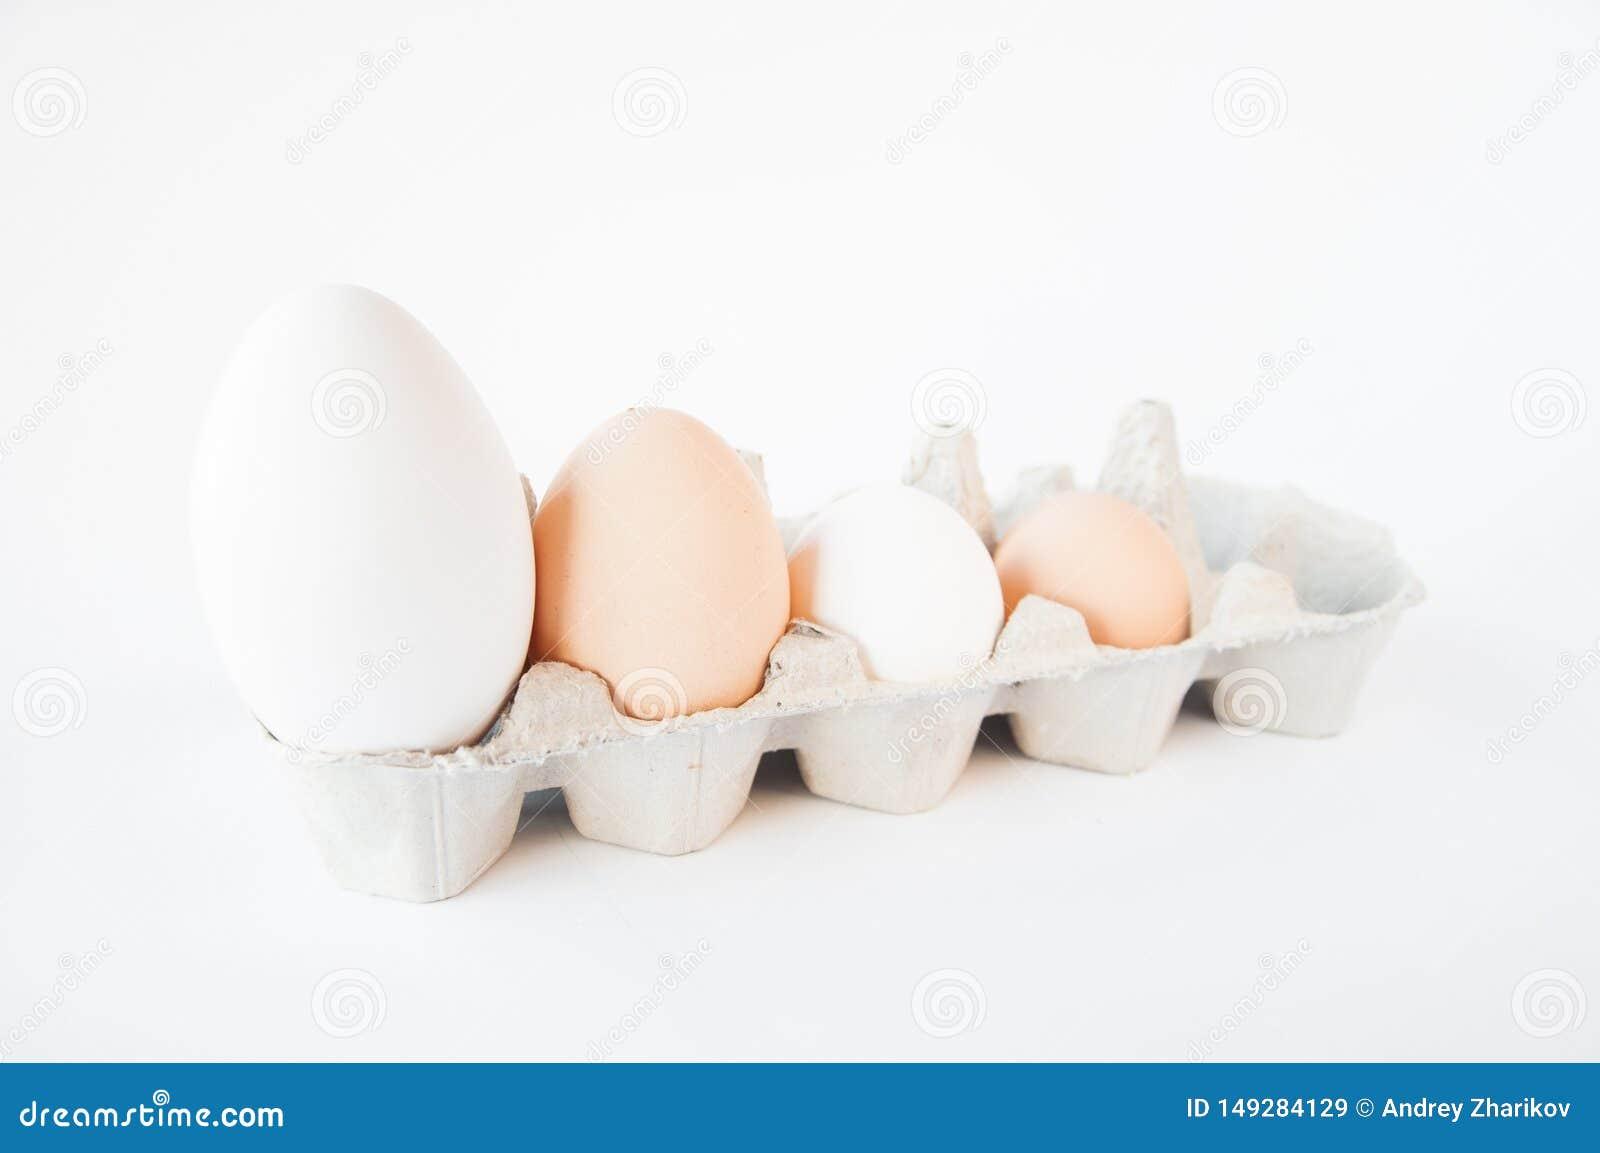 Σε έναν μικρό δίσκο είναι τέσσερα αυγά